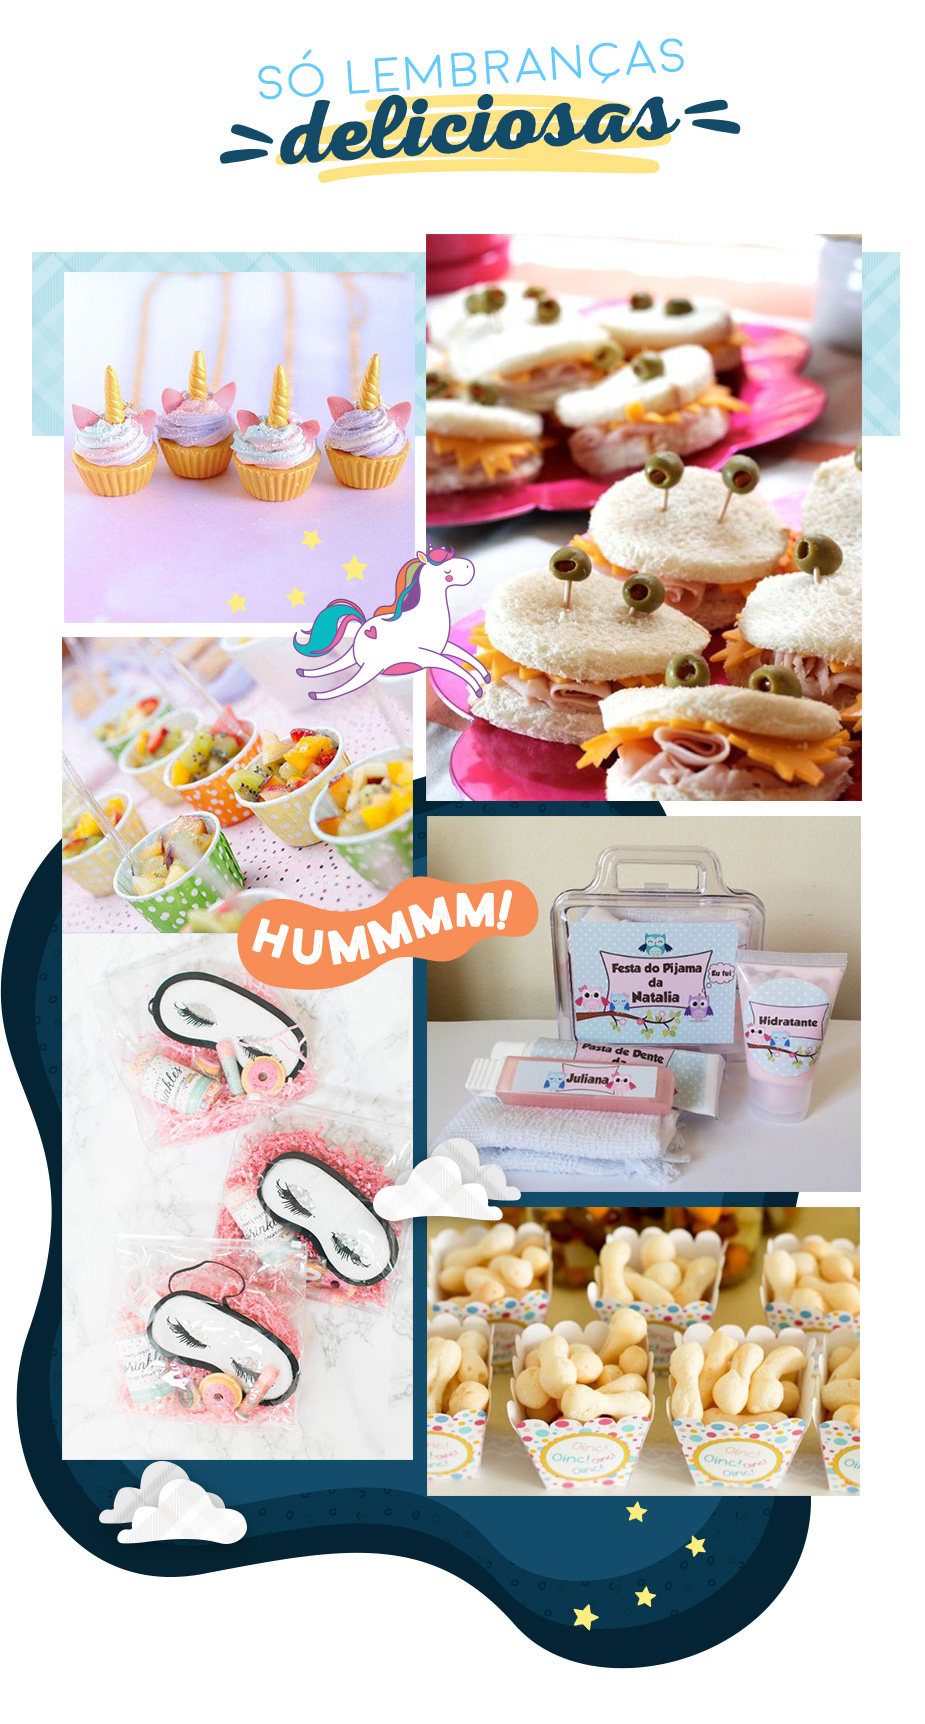 post-blog-lepper-festa-do-pijama-comidas-e-lembrancas